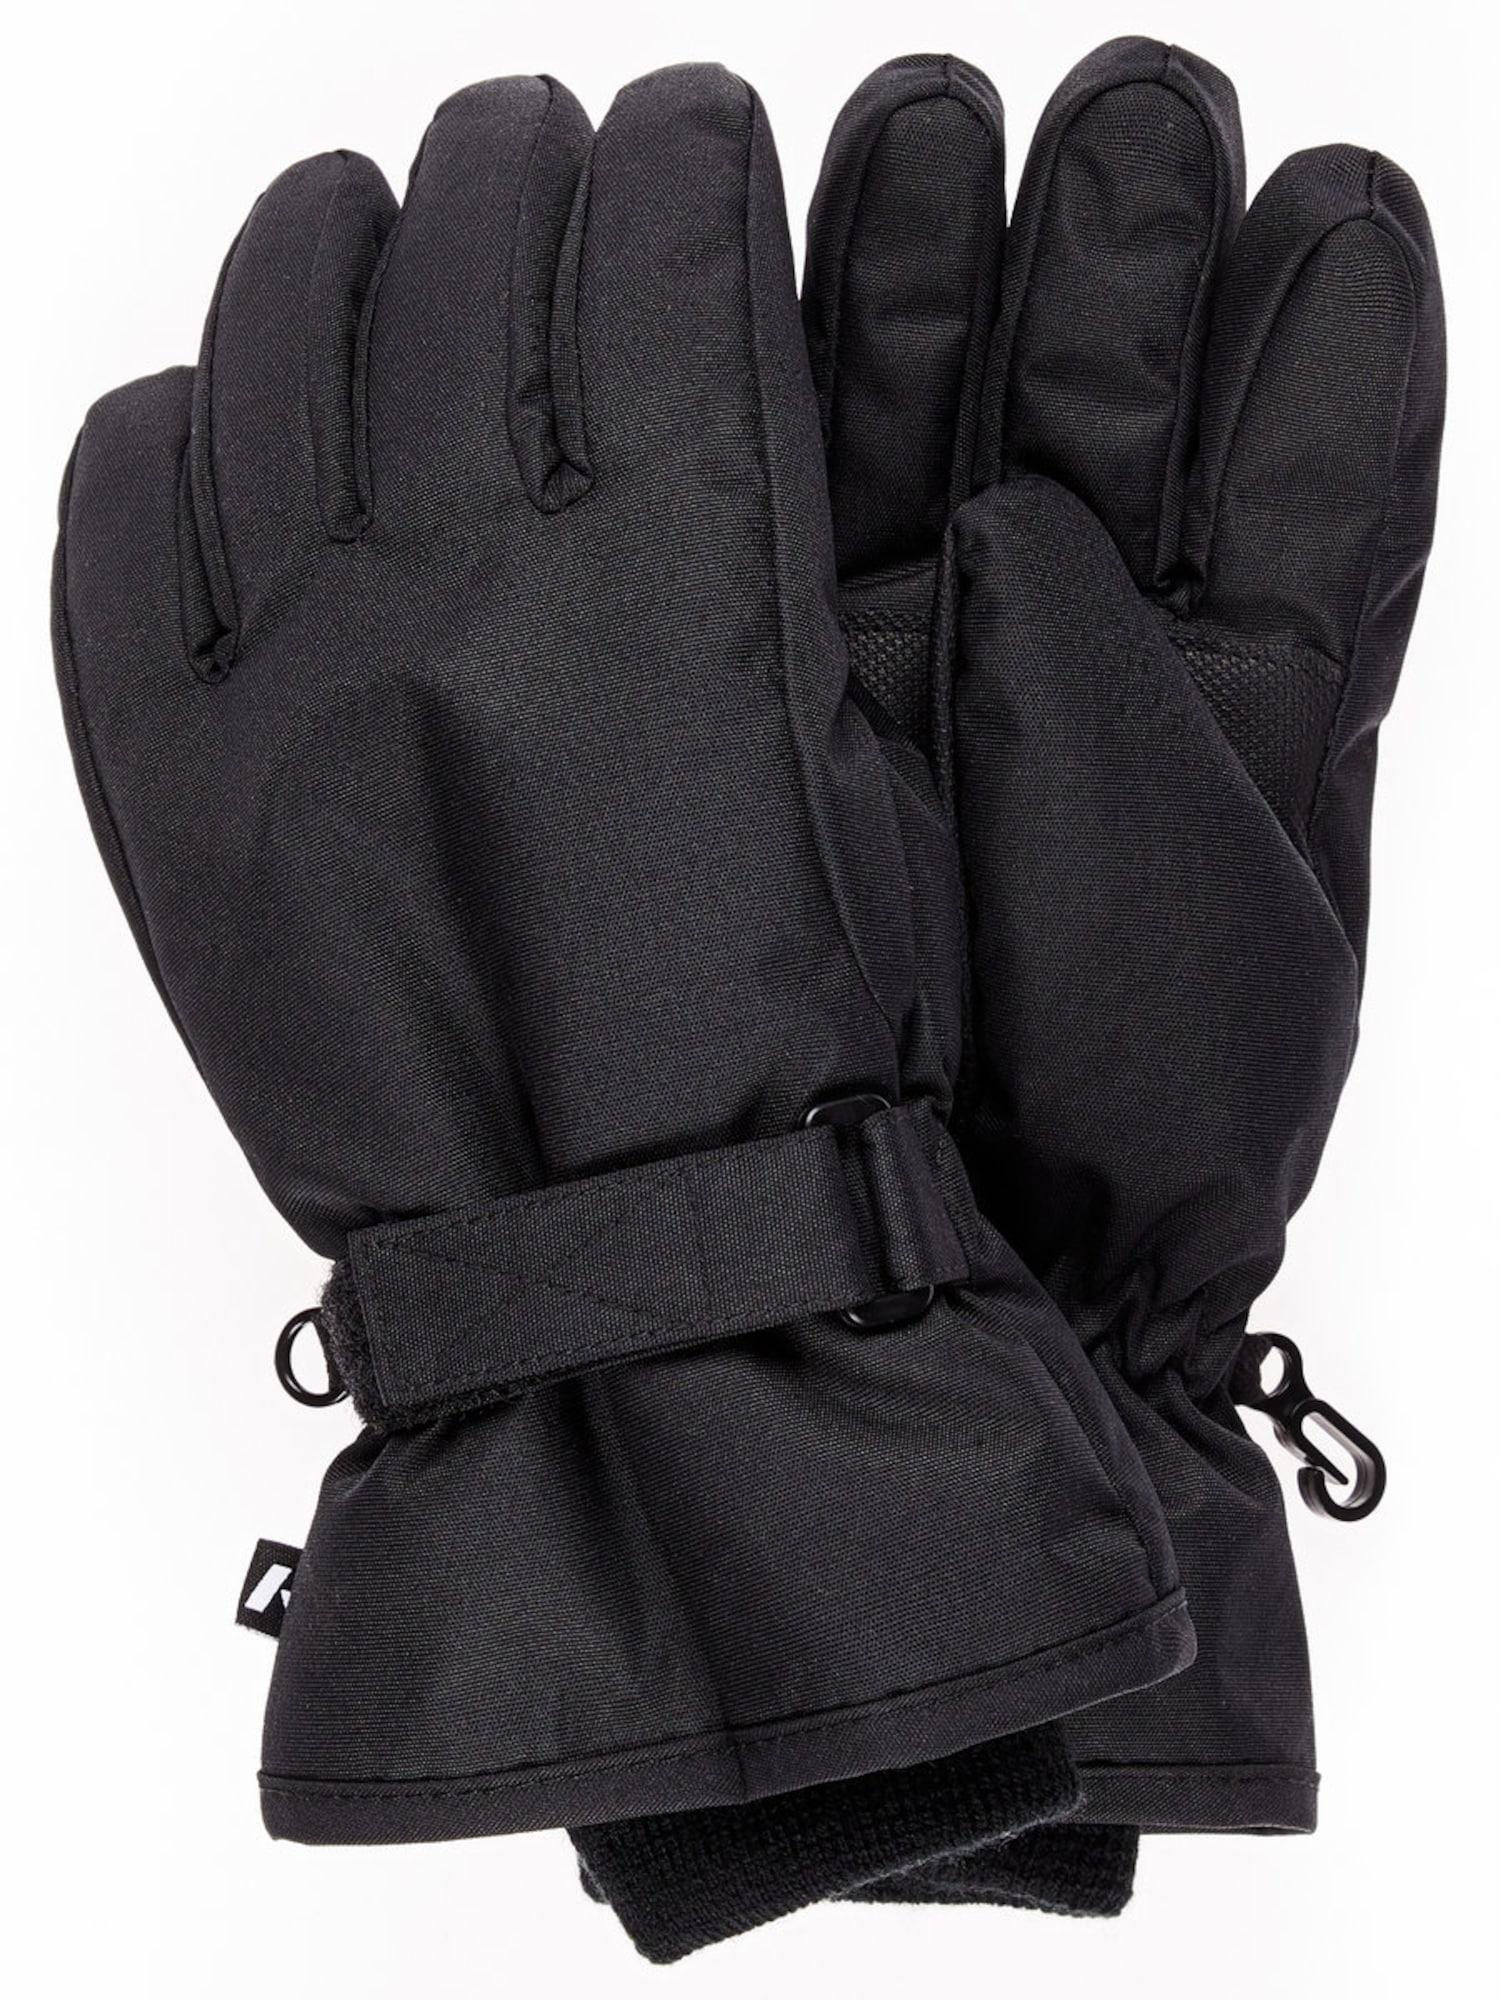 NAME IT Kids Waterbestendige Handschoenen Unisex Zwart